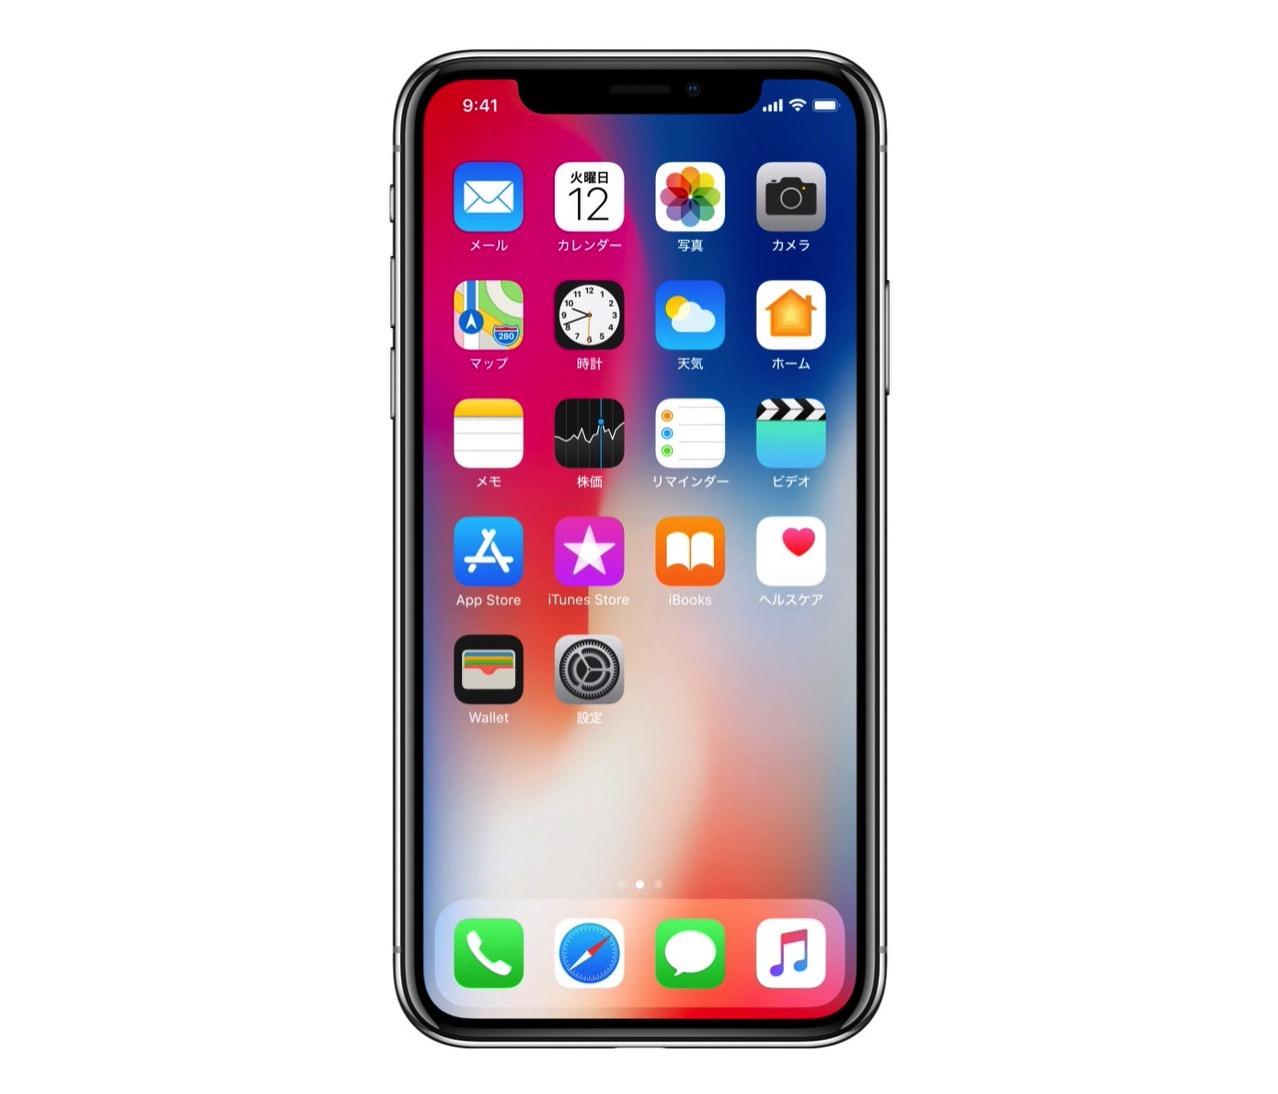 【iPhone X】バッテリー容量は2,716mAh、RAMは3GB